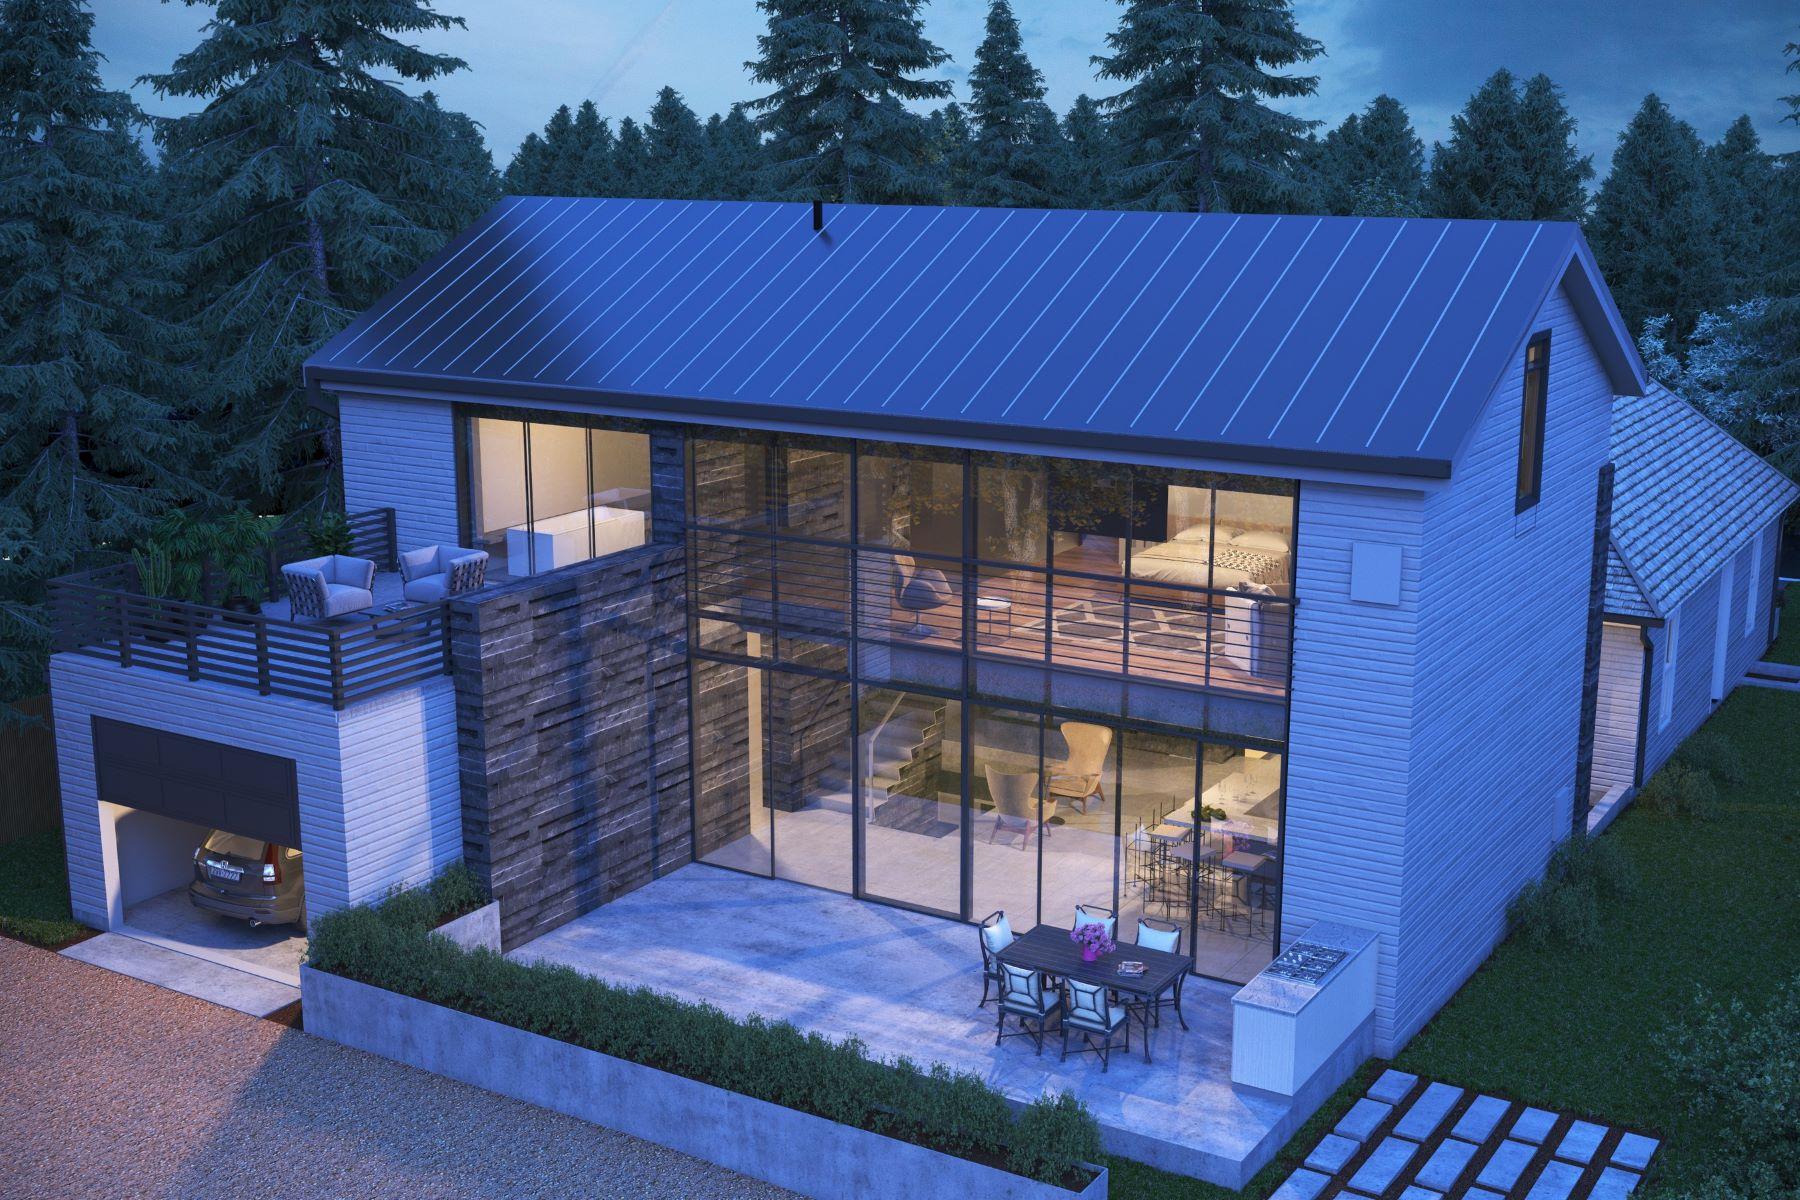 Частный односемейный дом для того Продажа на Heart of the West End 417 W Hallam Street West End, Aspen, Колорадо, 81611 Соединенные Штаты